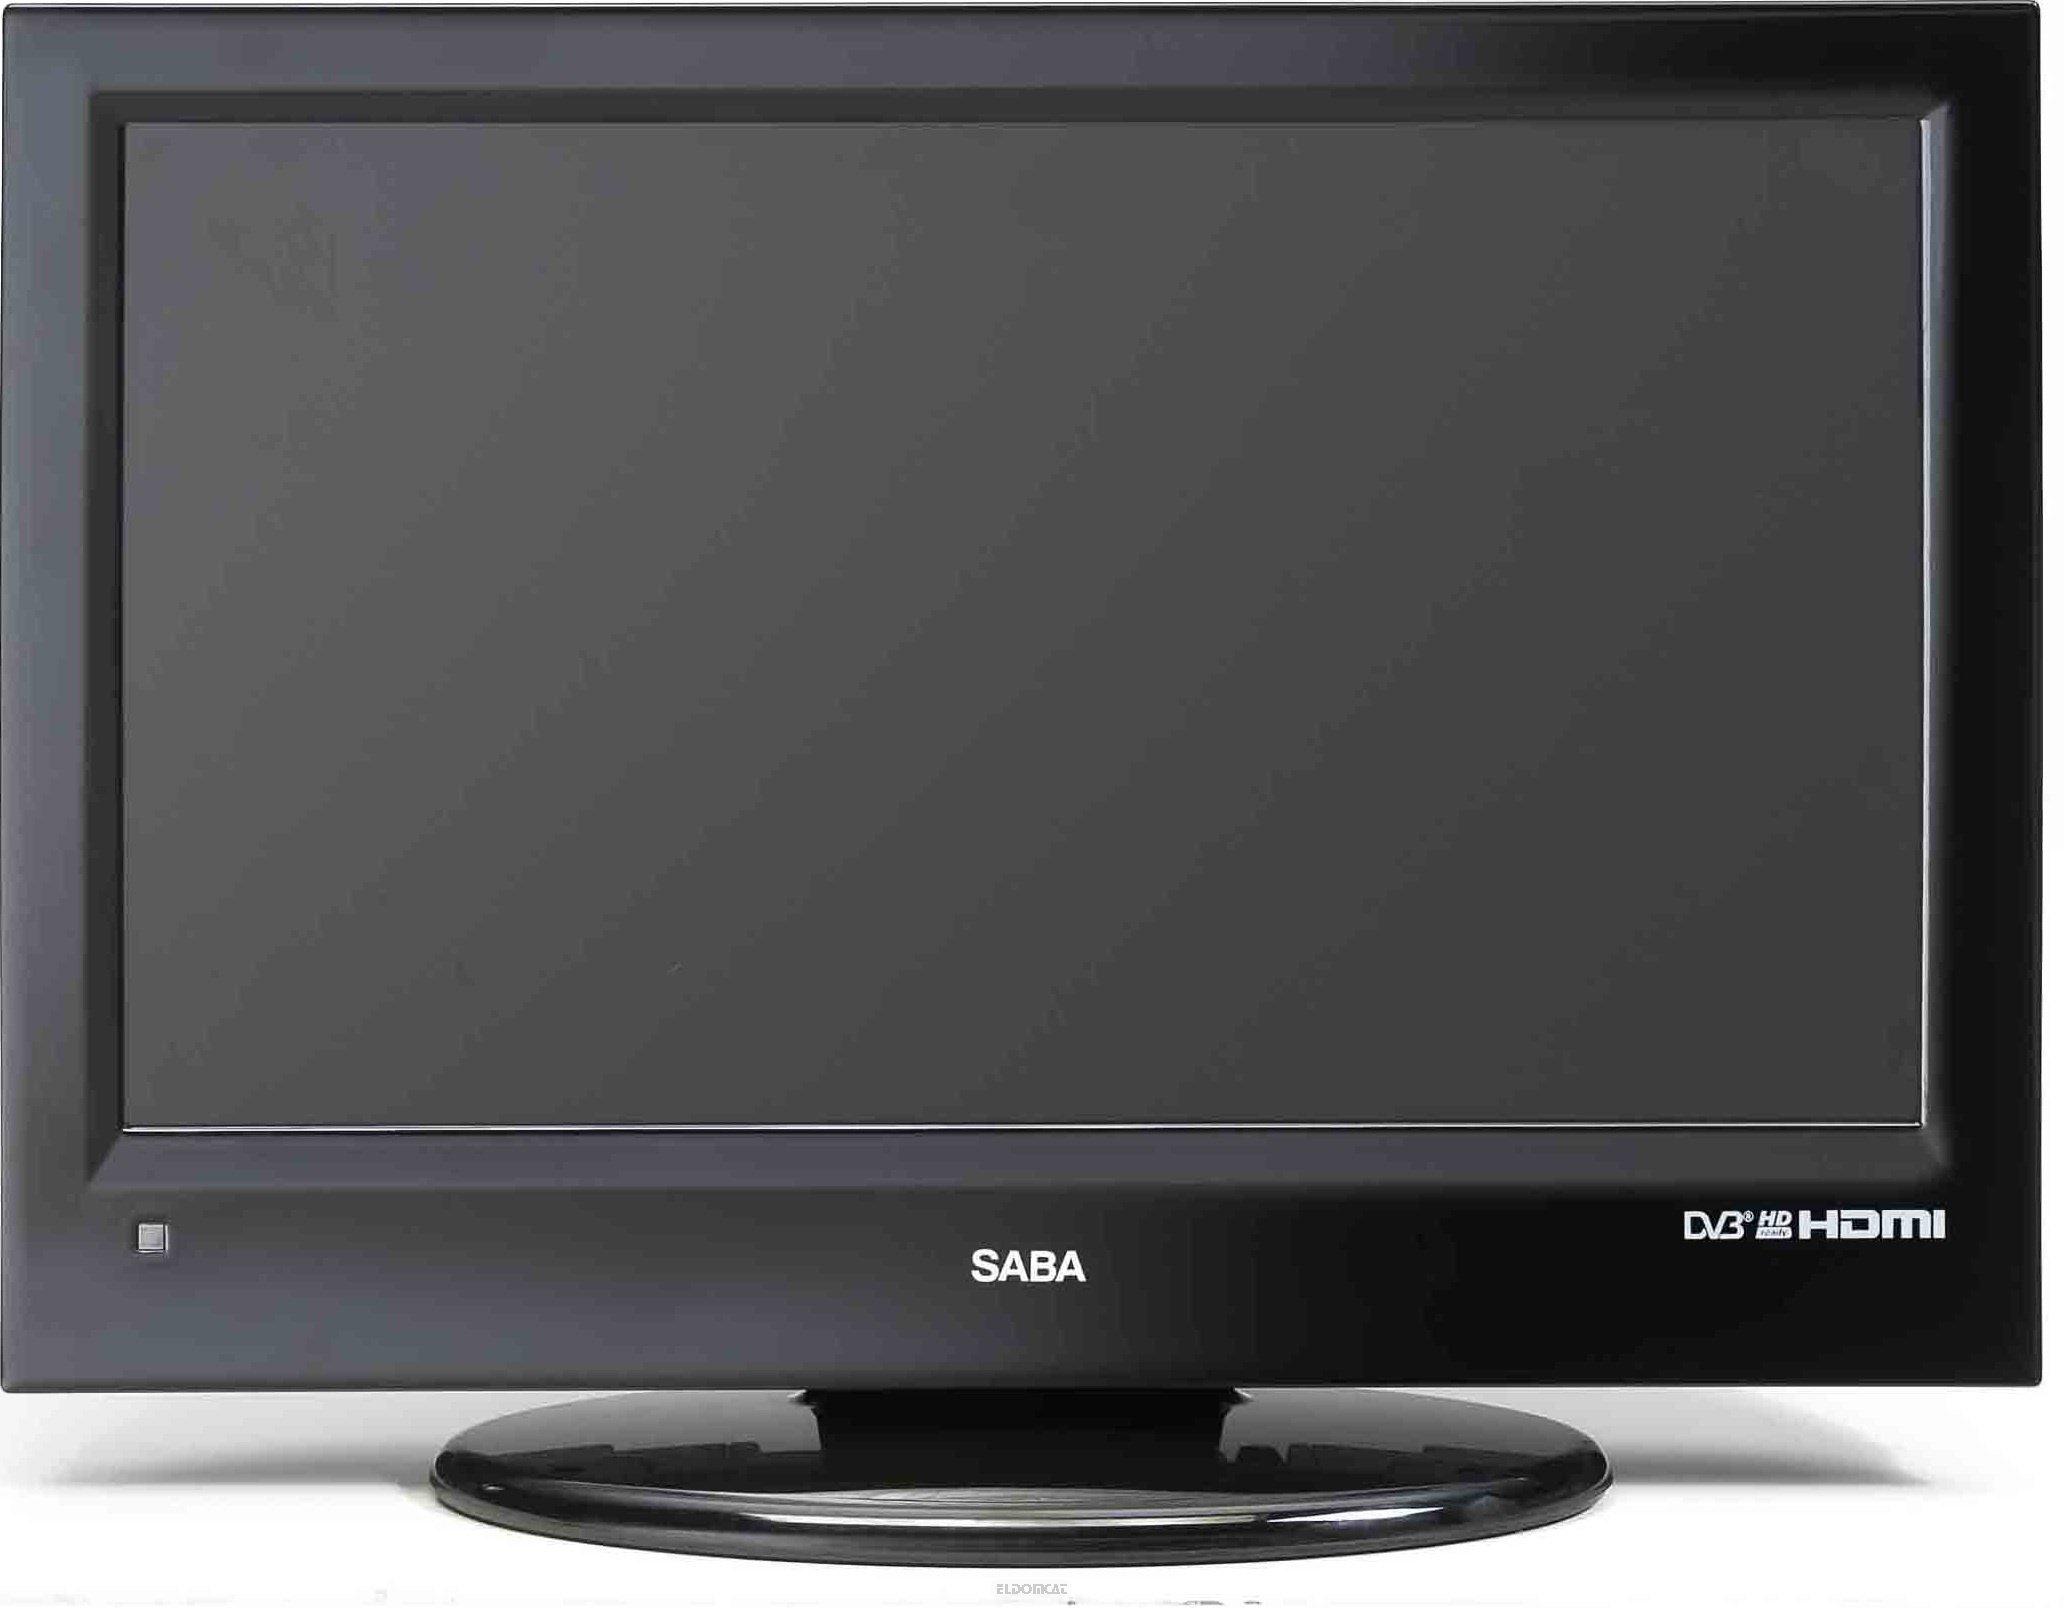 Saba U19A200 Televisor LCD: Amazon.es: Electrónica